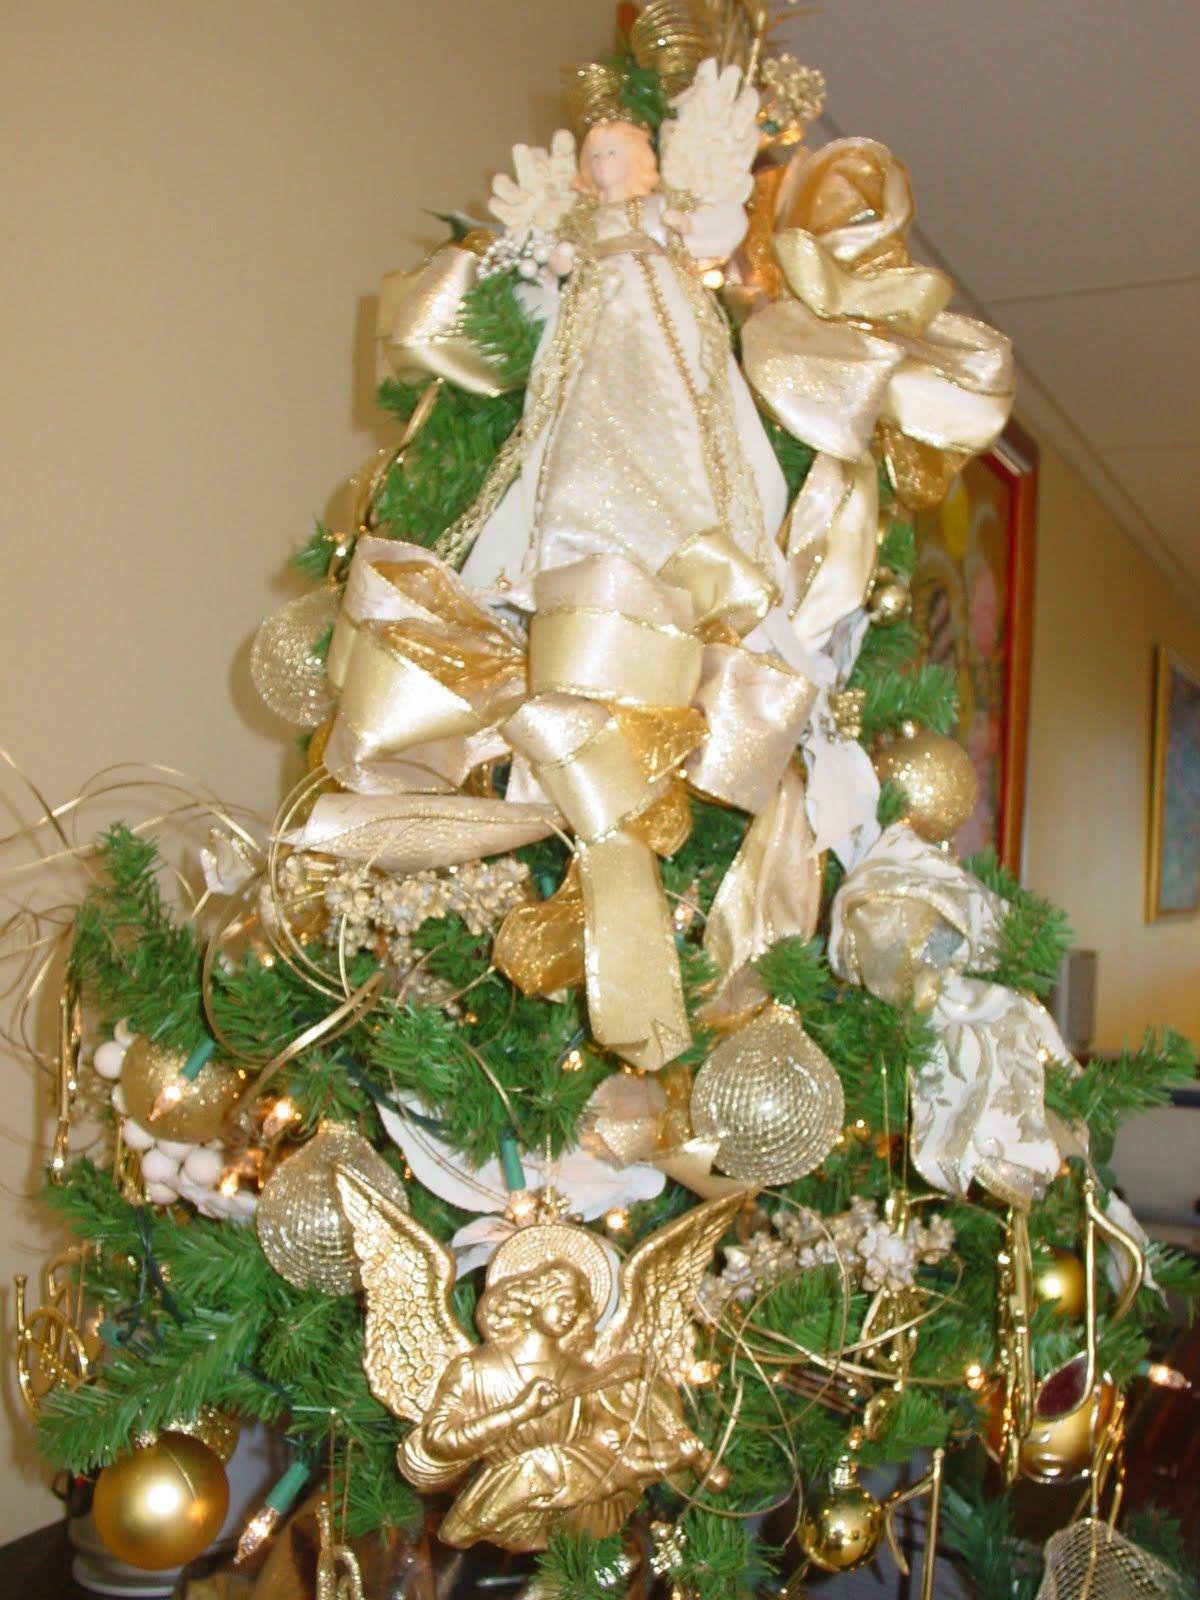 navidad que adornan el árbol de ideas - Buscar Con Google